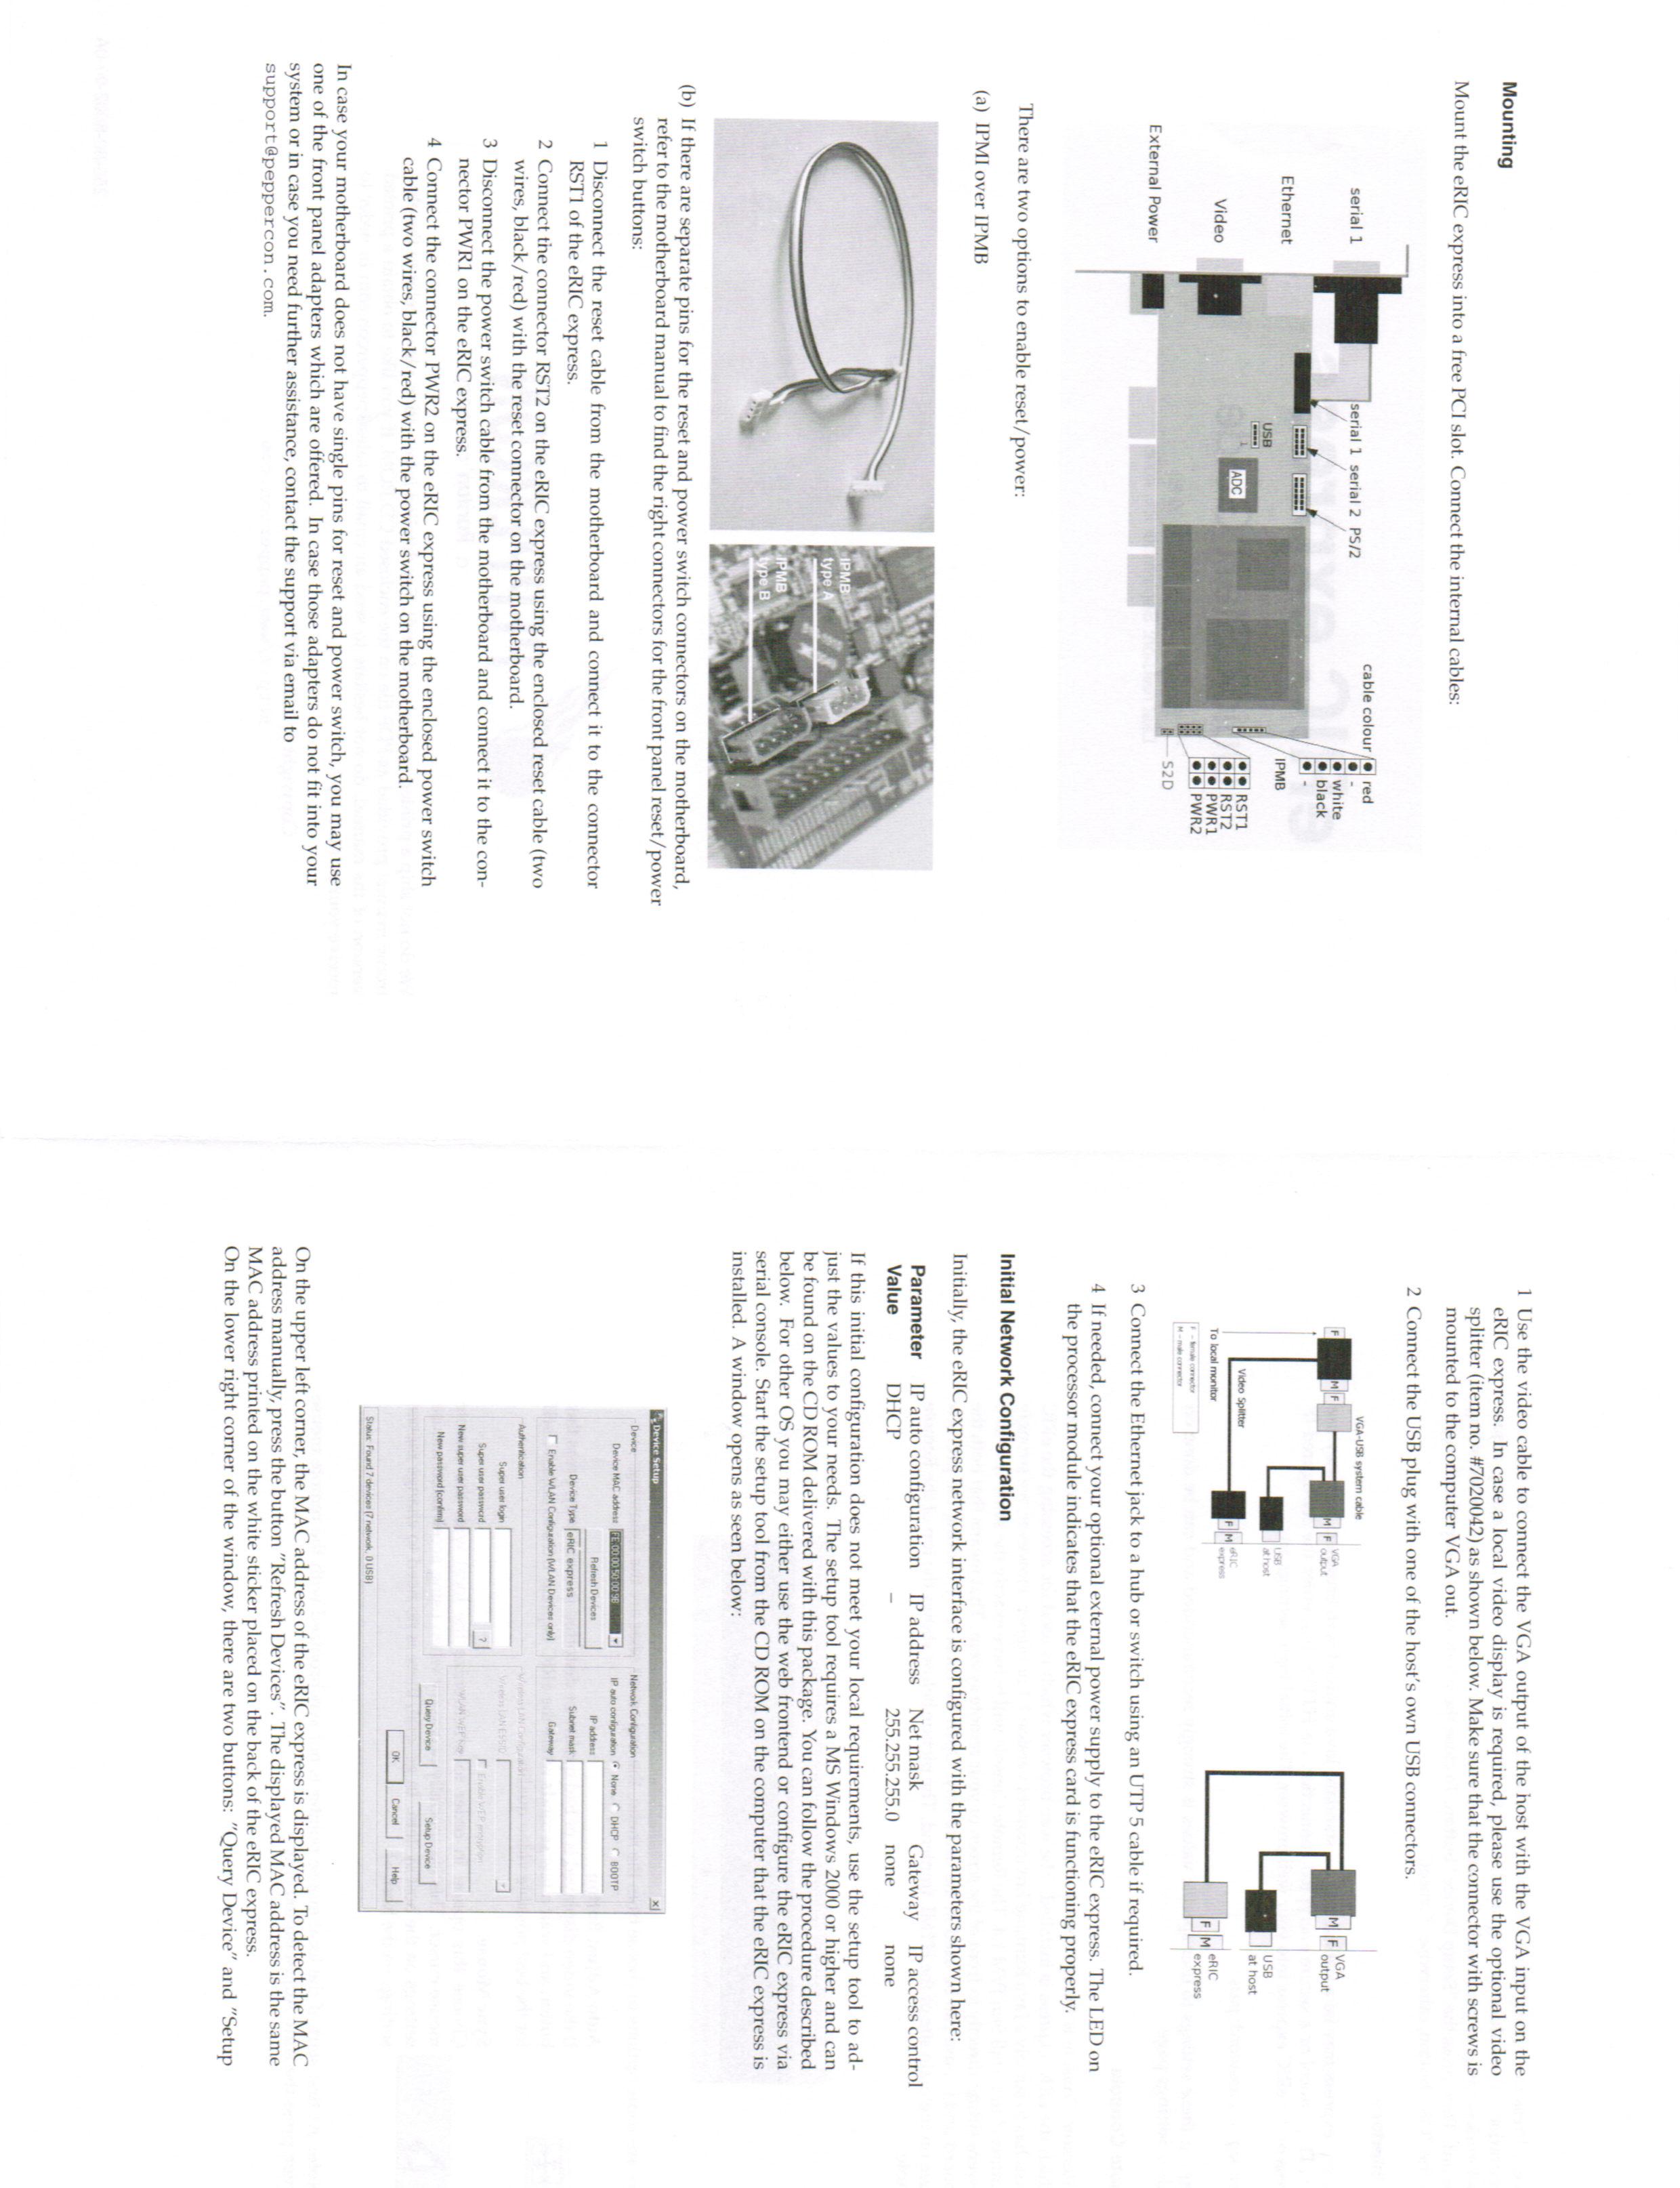 [DIAGRAM_09CH]  KE_6152] Dell Studio Wiring Diagram Schematic Wiring   Dell Studio Wiring Diagram      Coun Penghe Ilari Gresi Chro Carn Ospor Garna Grebs Unho Rele  Mohammedshrine Librar Wiring 101